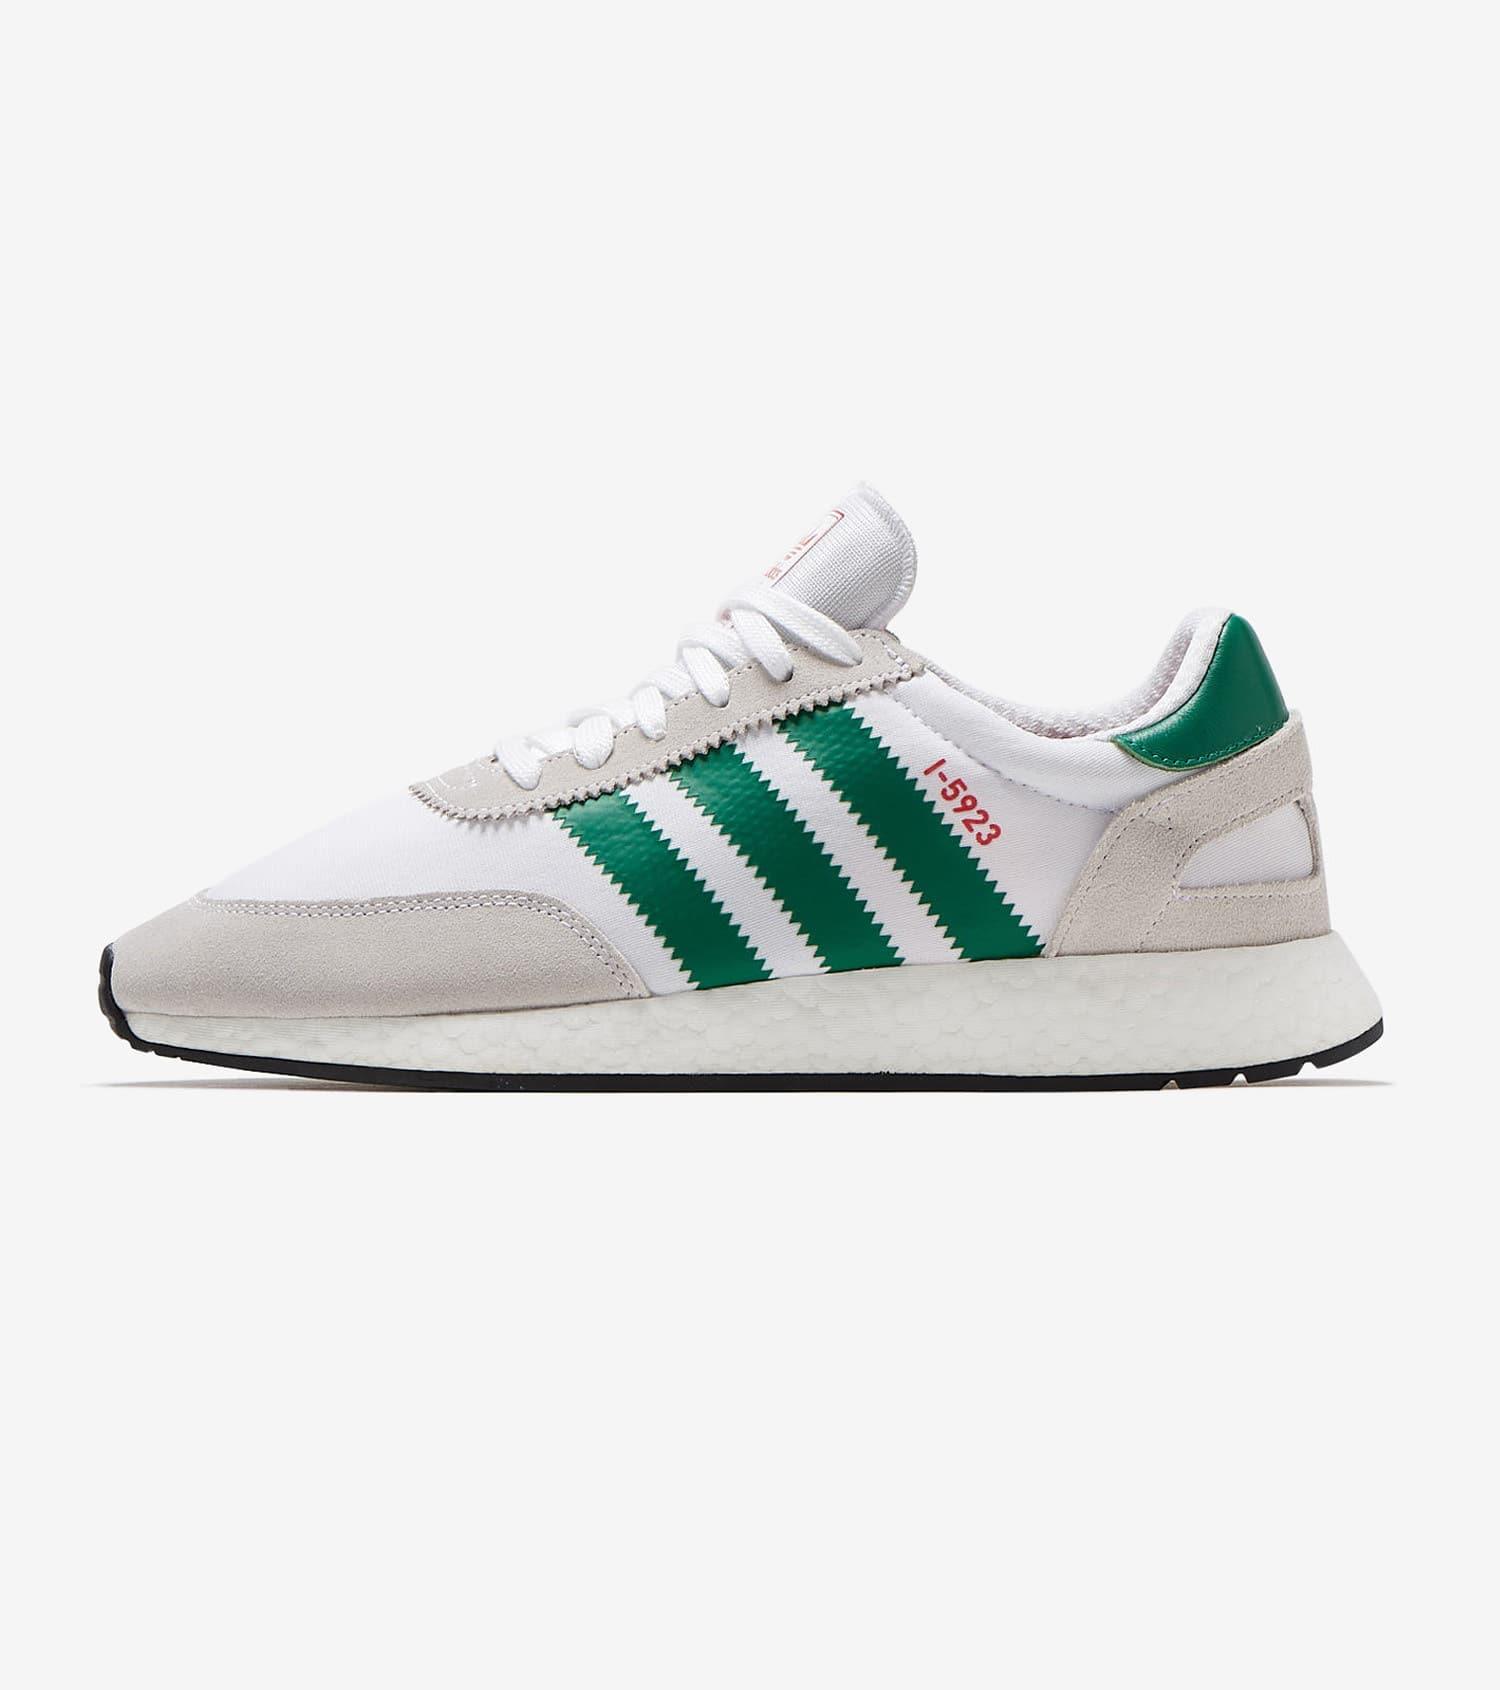 Adidas Originals I 5923 Promo Code Adidas Shoes Online